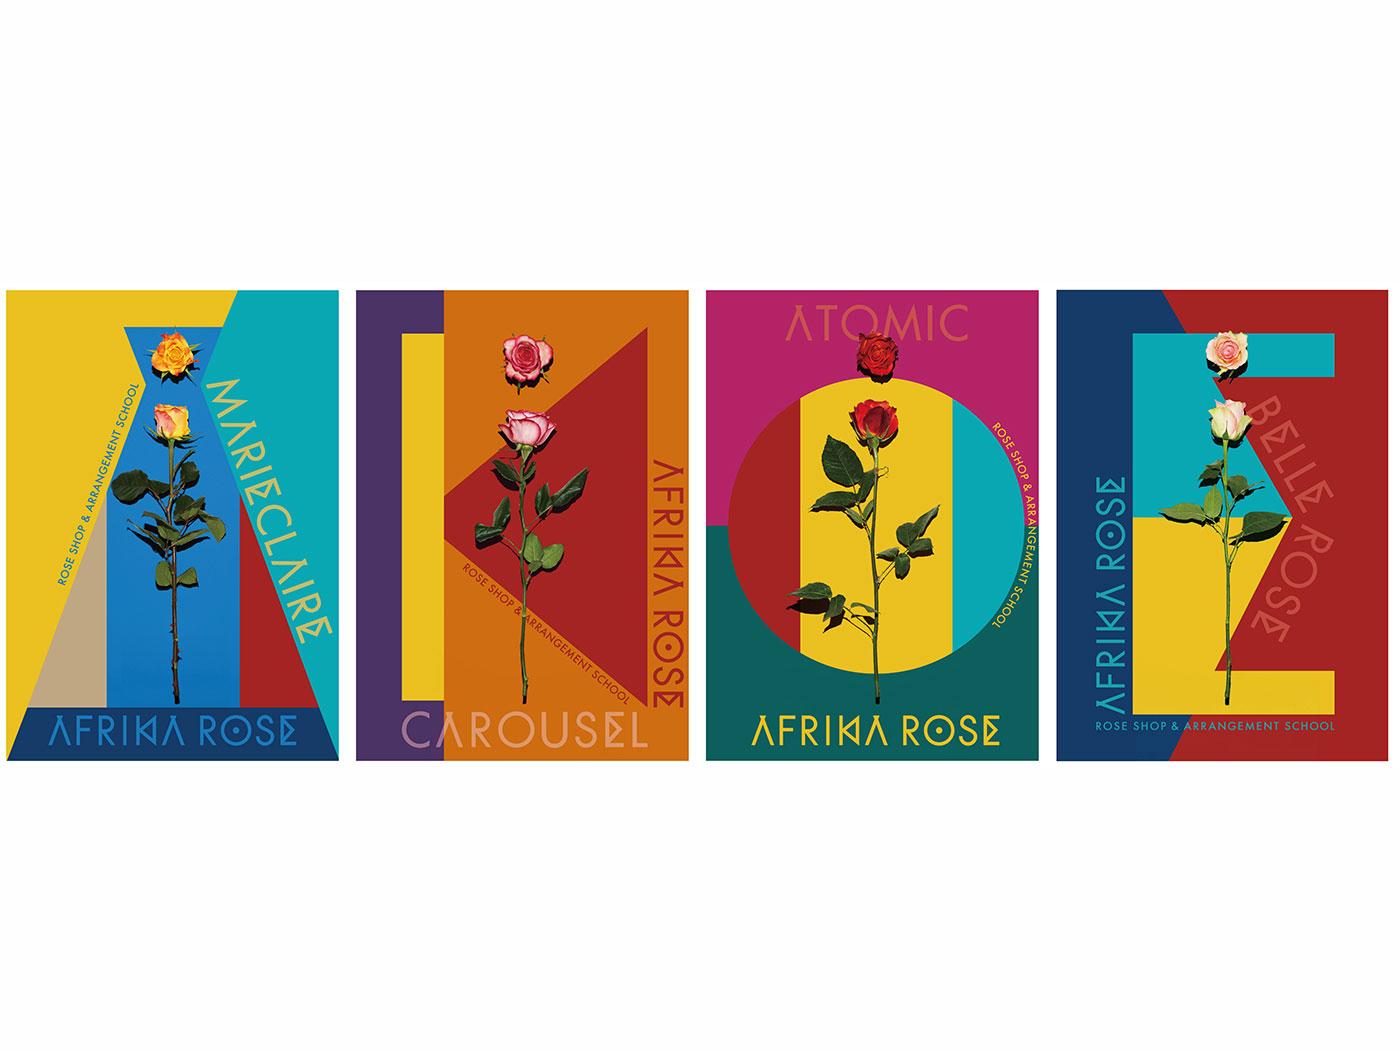 『AFRIKA ROSE』